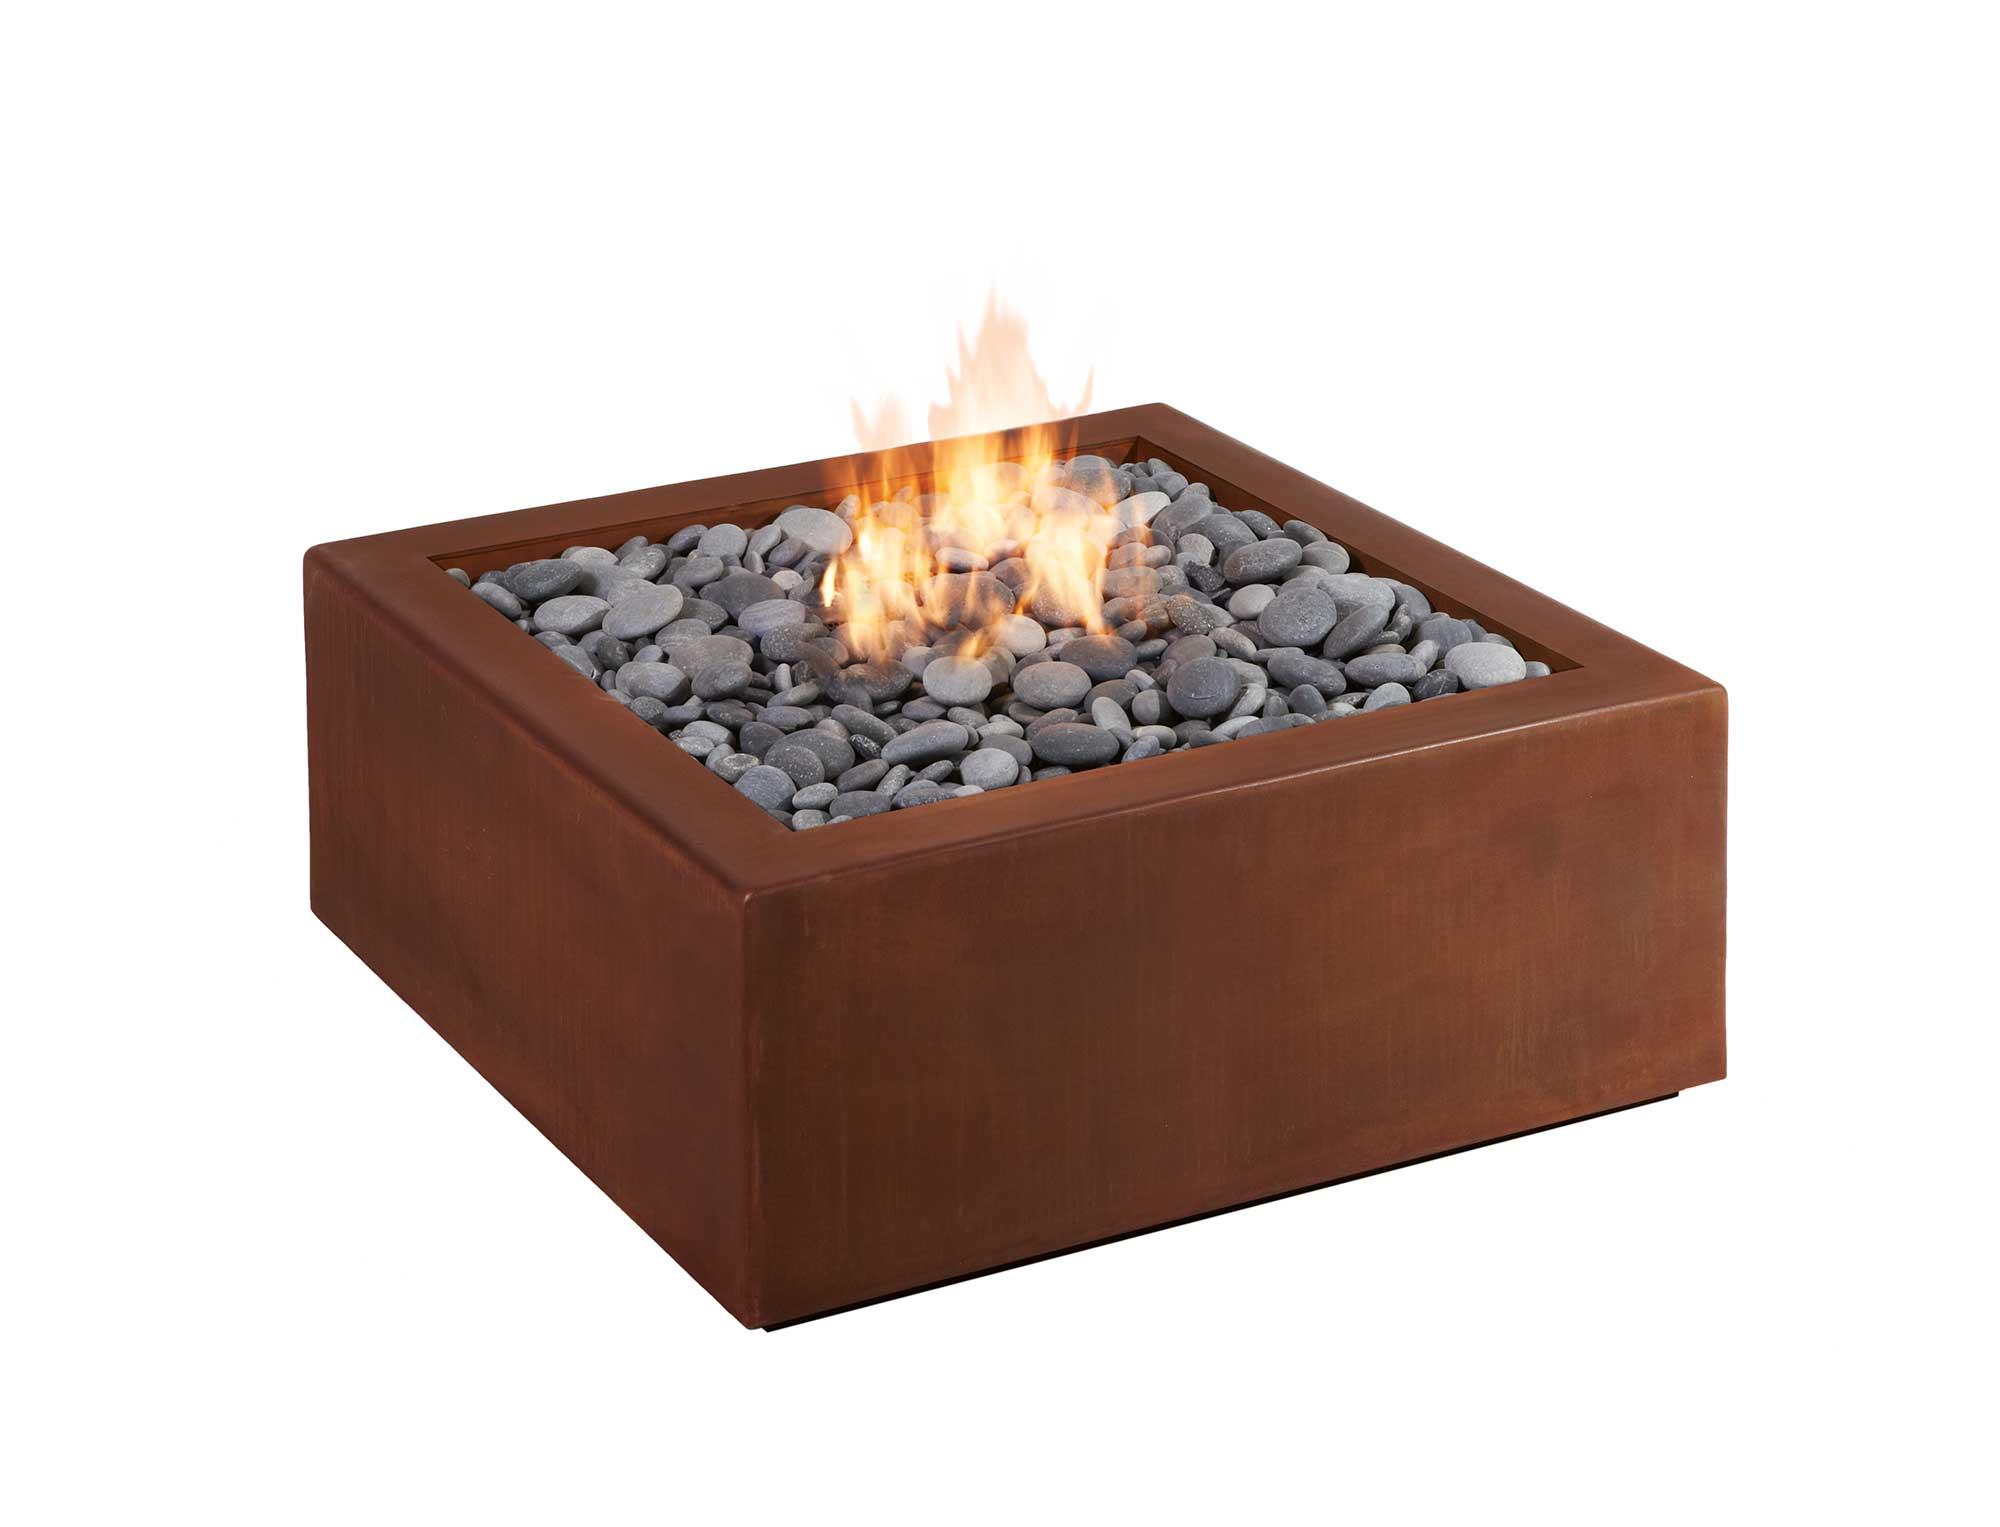 Bento Corten Fire Pit